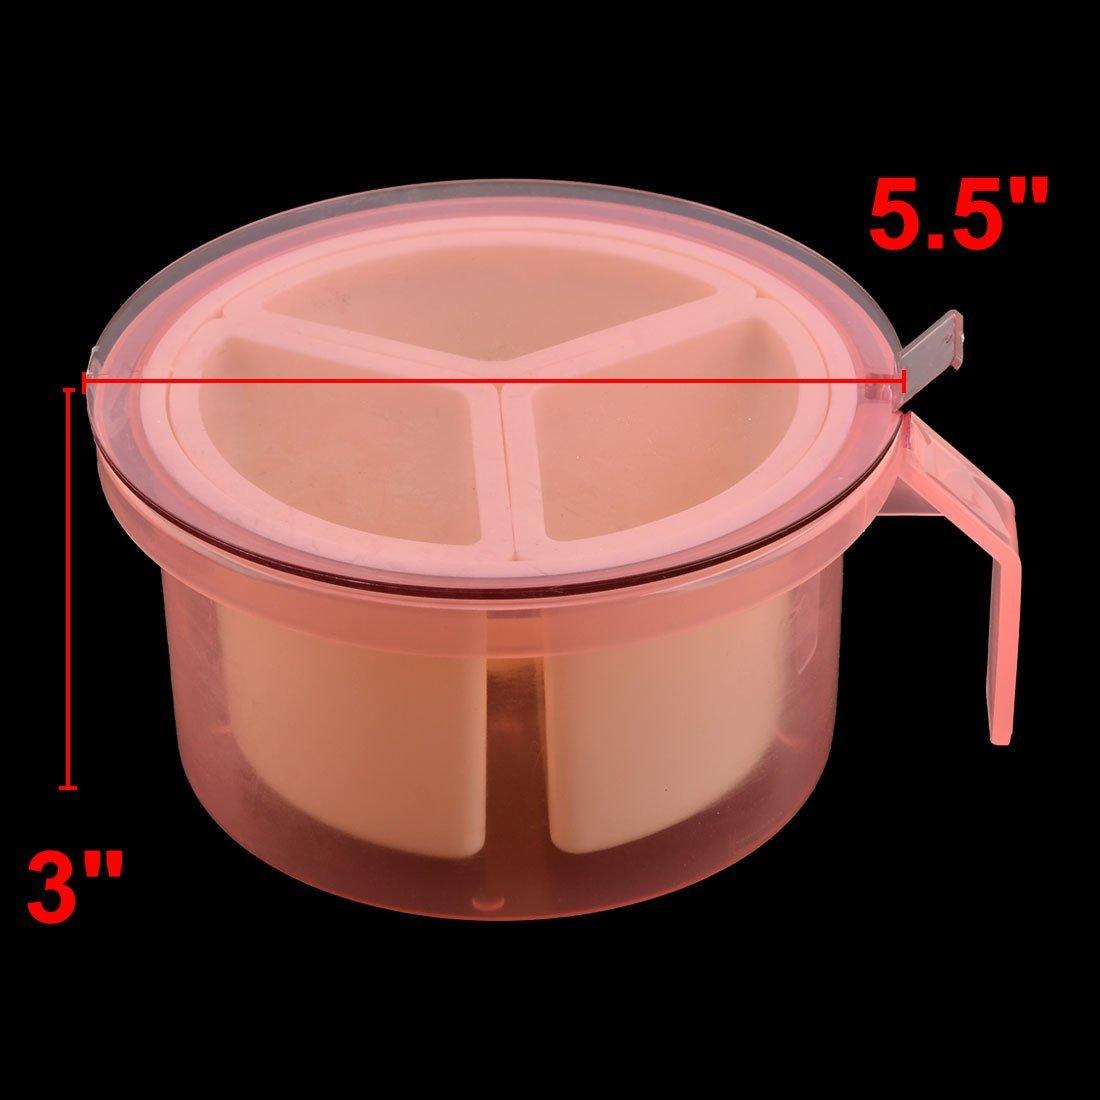 Amazon.com | eDealMax plástico Inicio 3 ranuras condimentos Especias una salsa de condimento envase de la caja Caja rosada: Condiment Pots